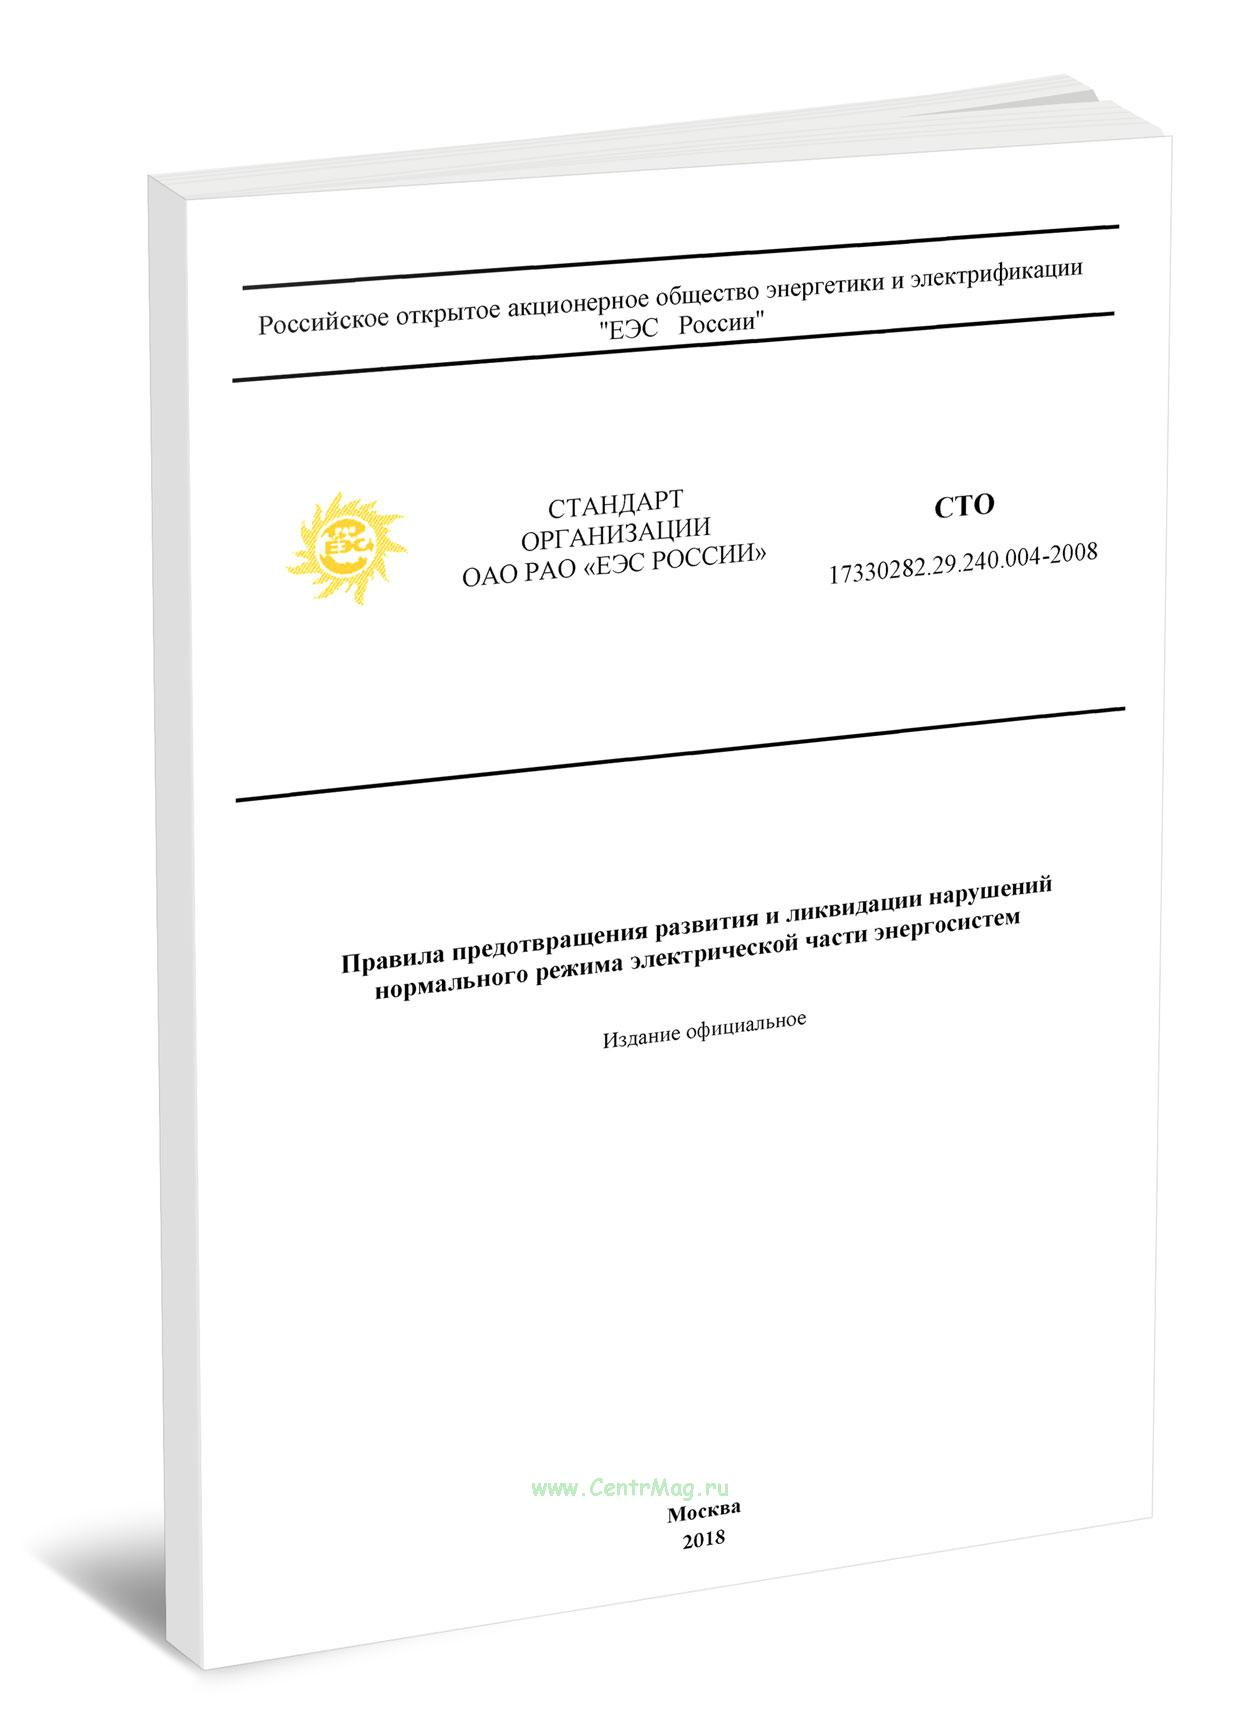 СТО 17330282.29.240.004-2008 Правила предотвращения развития и ликвидации нарушений нормального режима электрической части энергосистем 2019 год. Последняя редакция